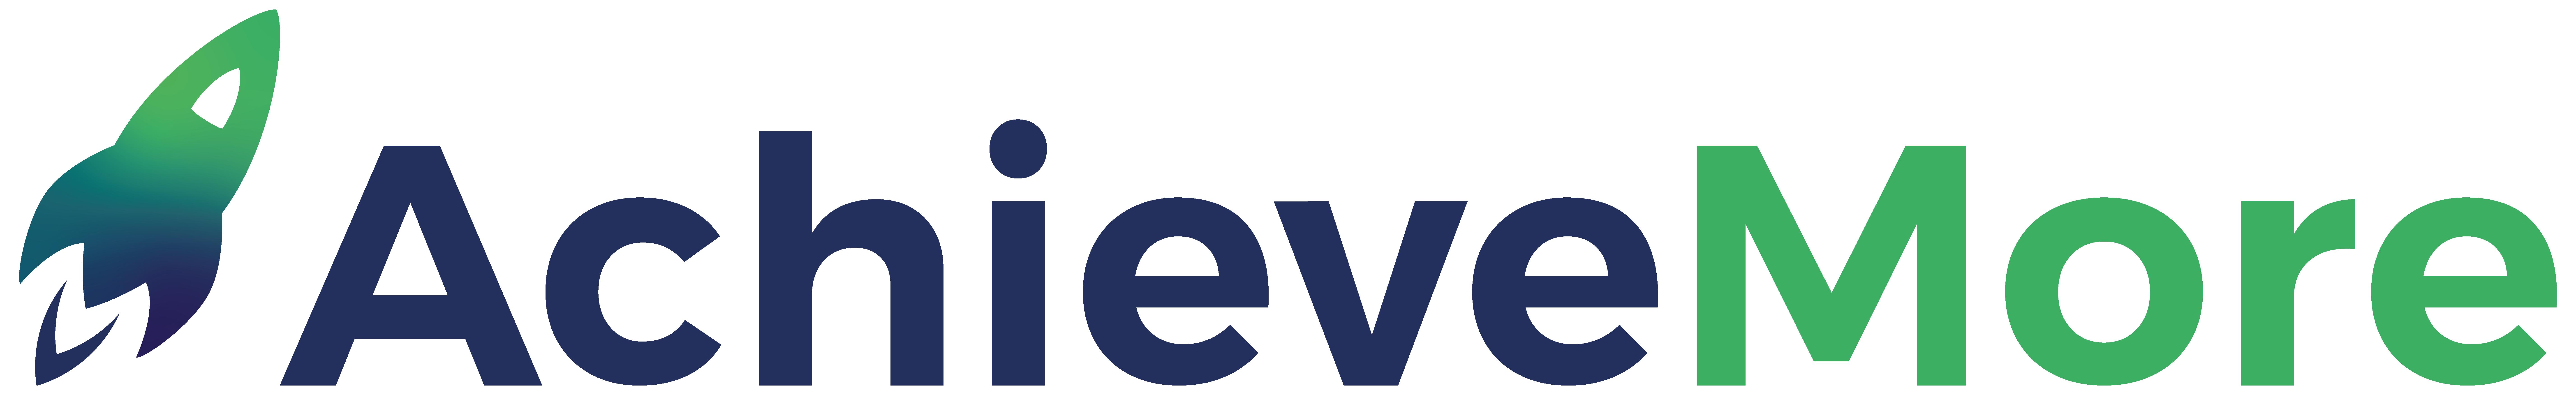 Achievemore Logo Color - Achieve More